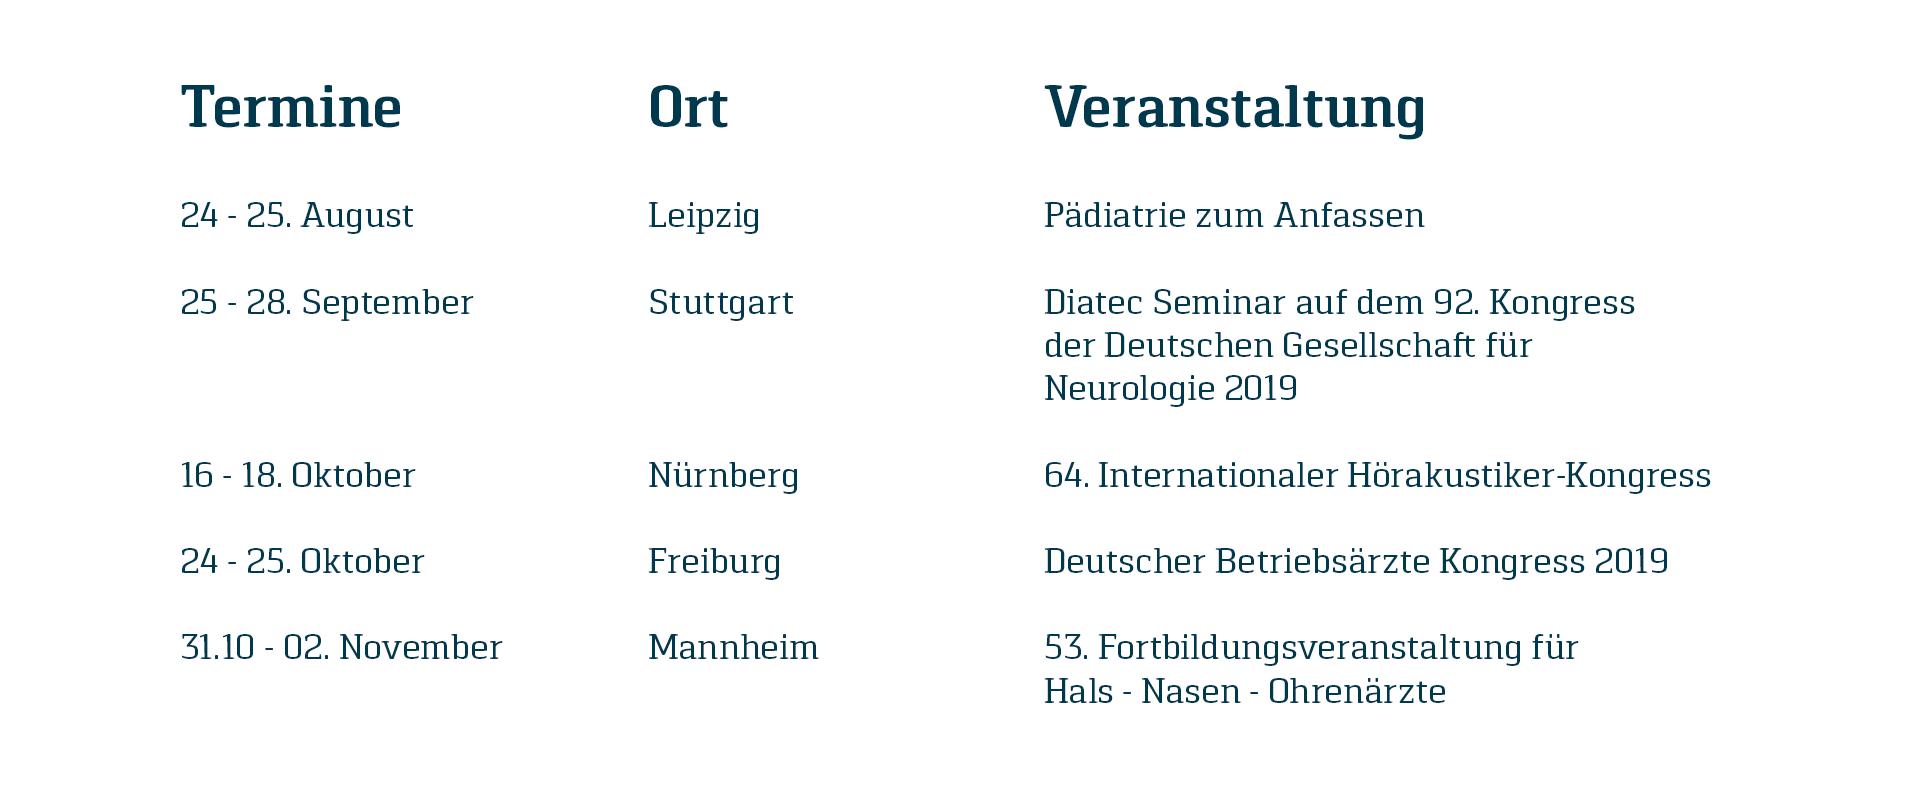 event-liste4